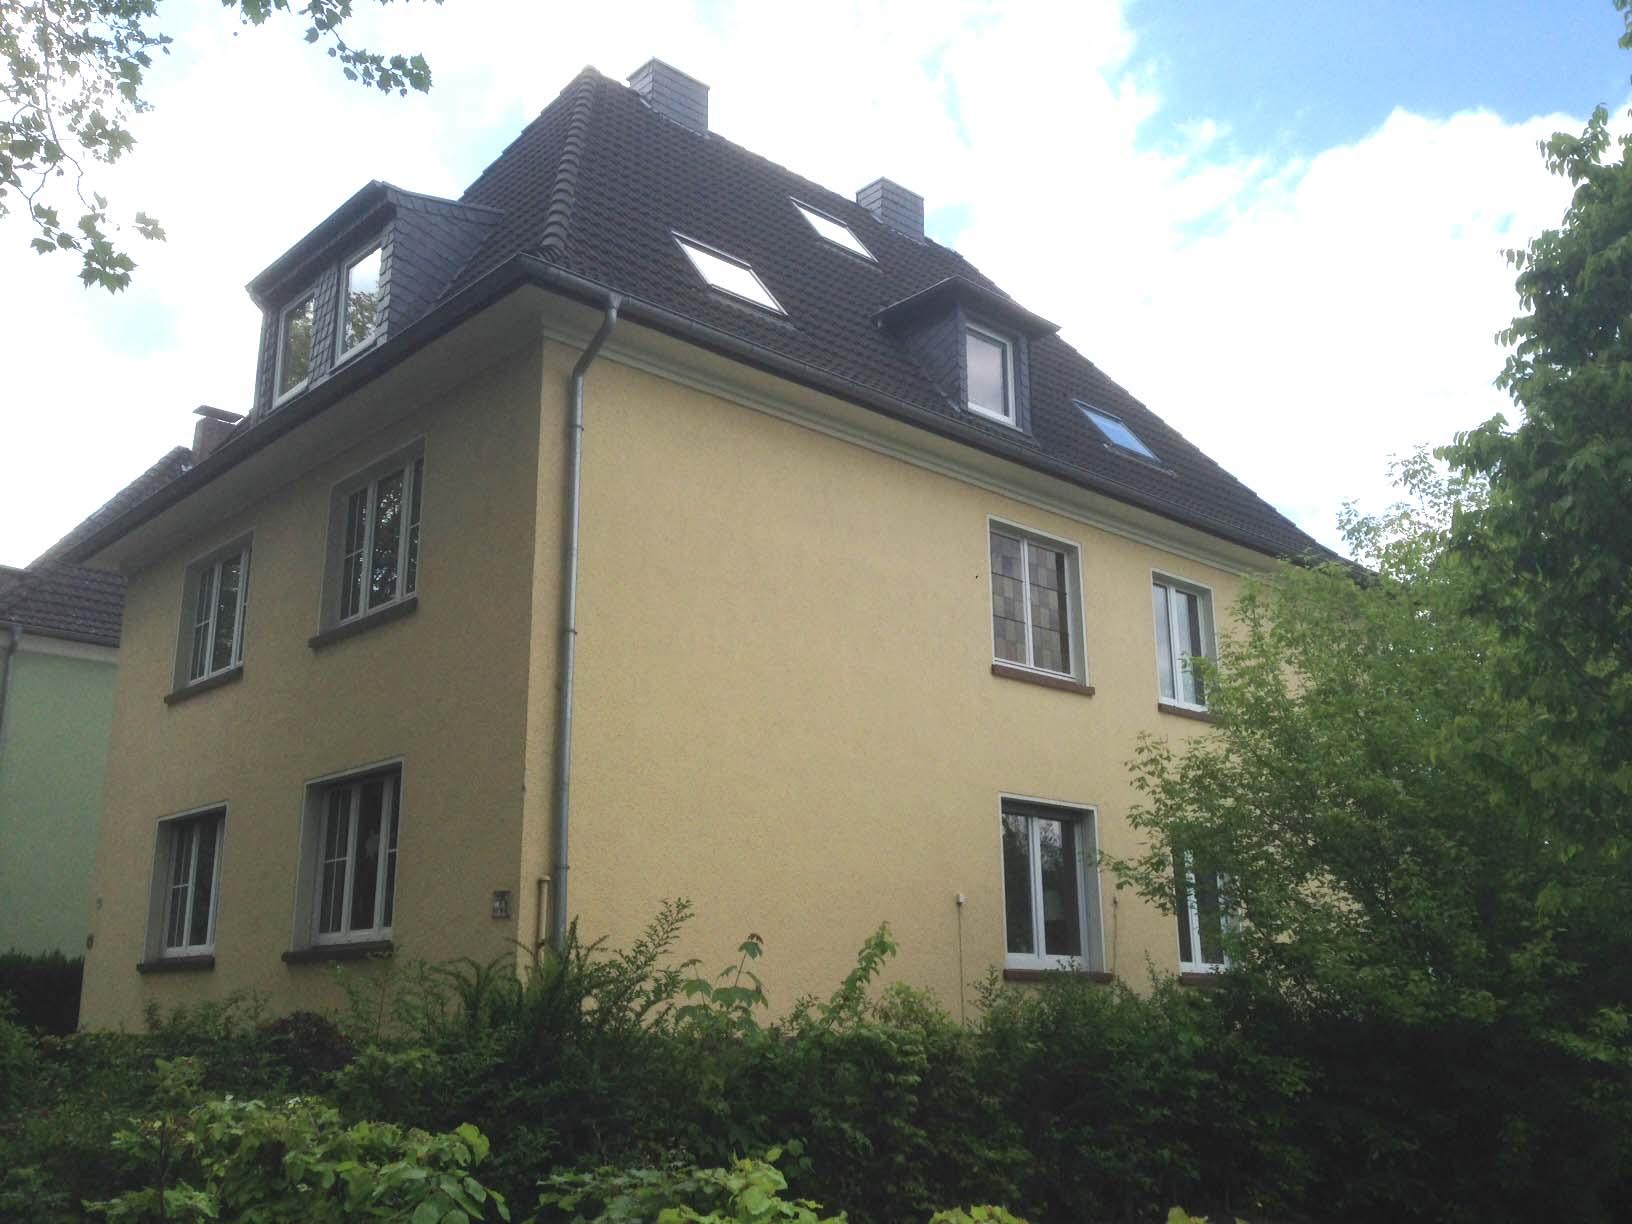 Ansicht von der Straße_Mehrfamilienhaus in Dortmund